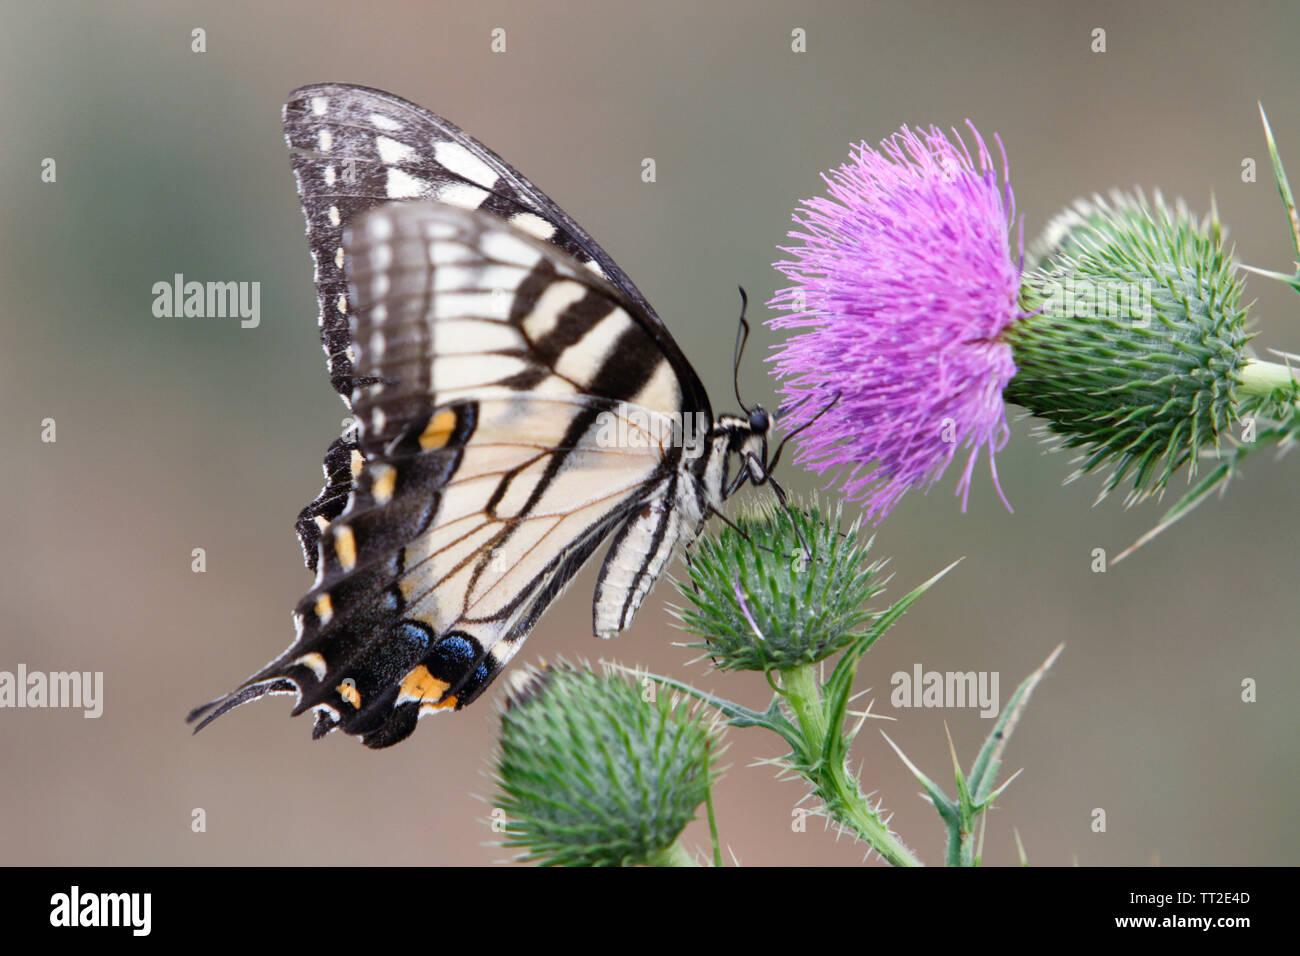 Schwalbenschwanz Schmetterling Nahaufnahme auf einem Stier Thistle Stockfoto